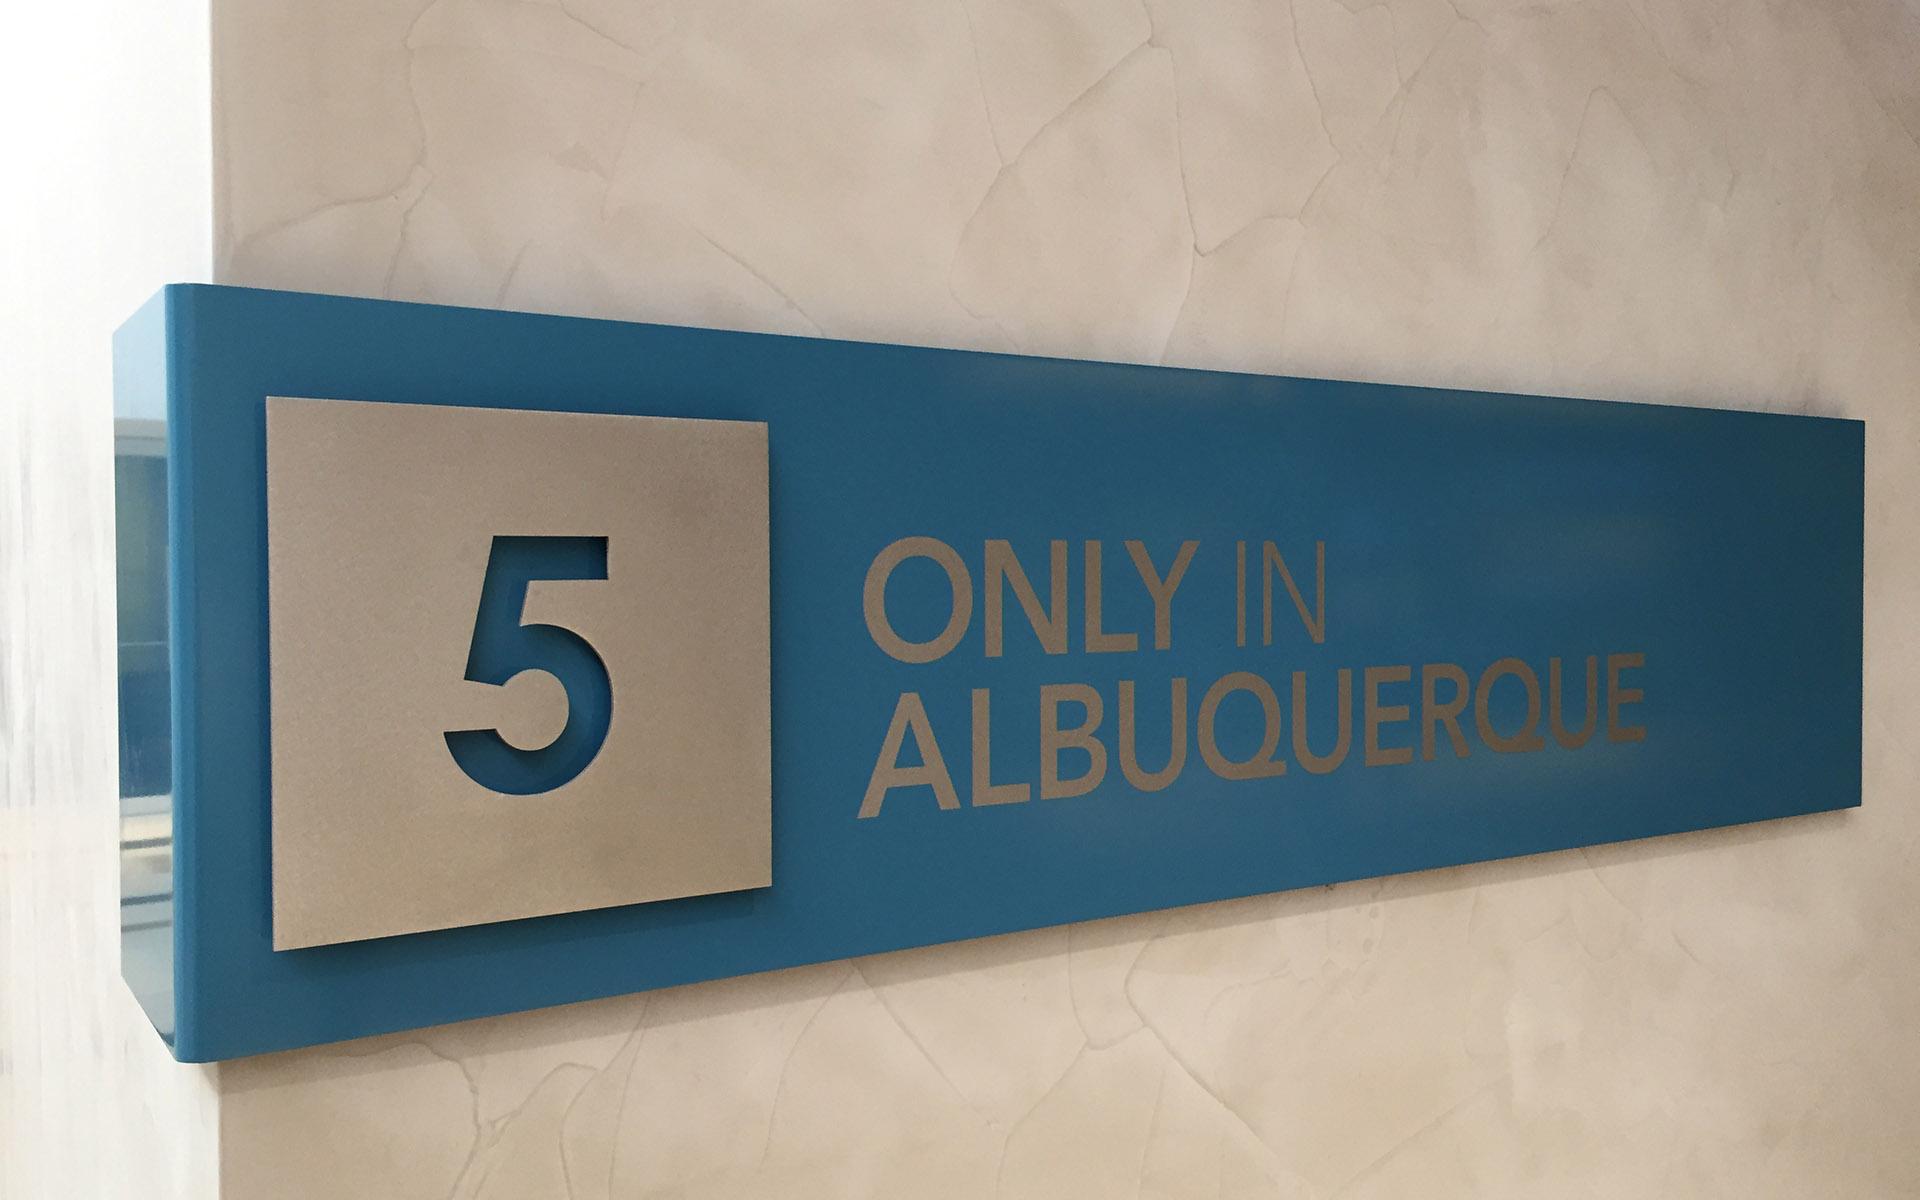 The_Albuquerque_Museum_009